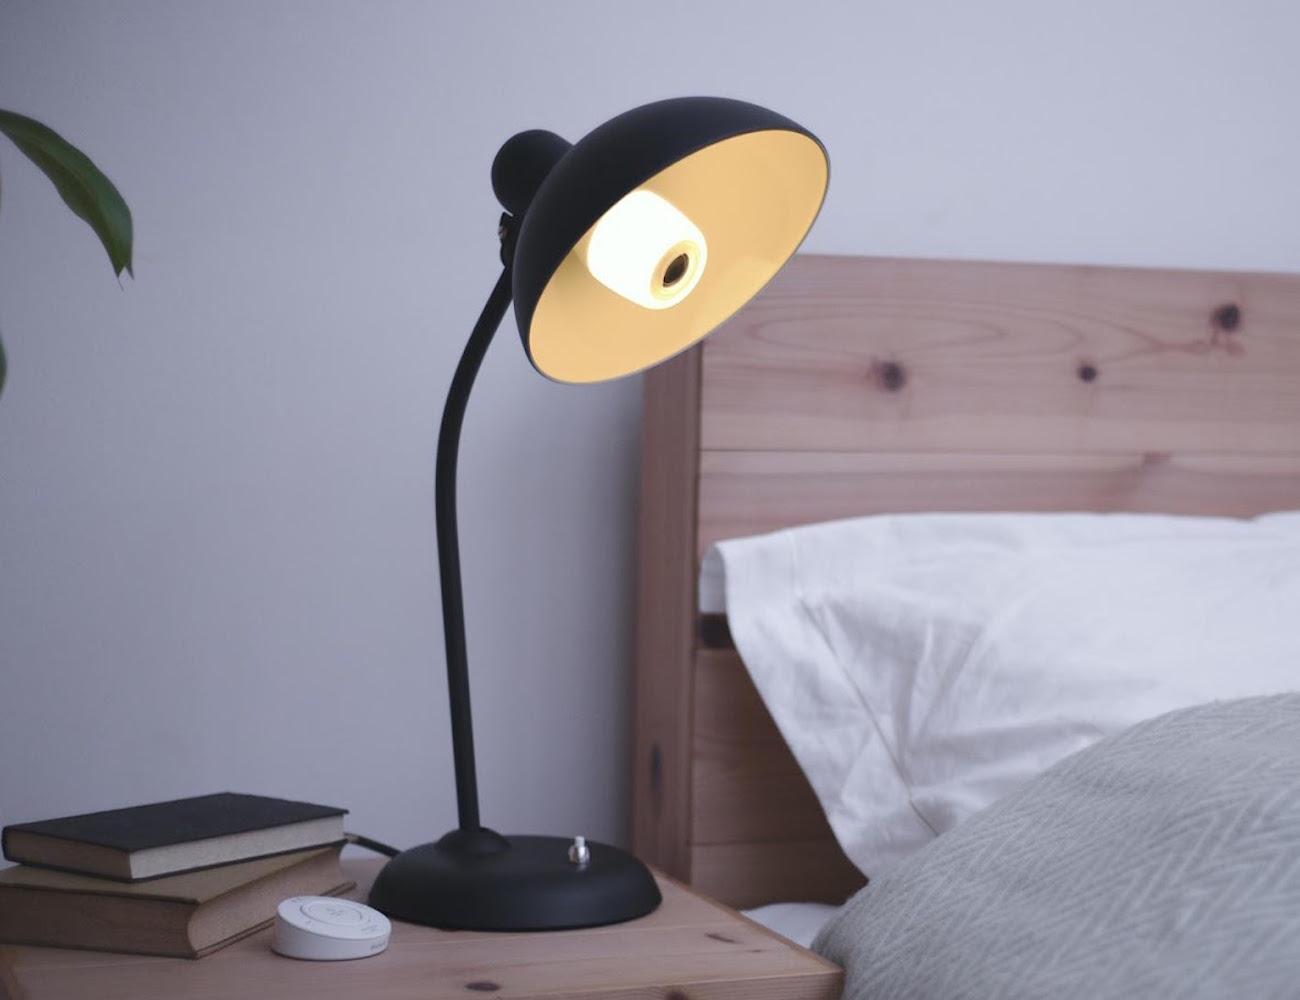 Sony+LED+Light+Bulb+Speaker